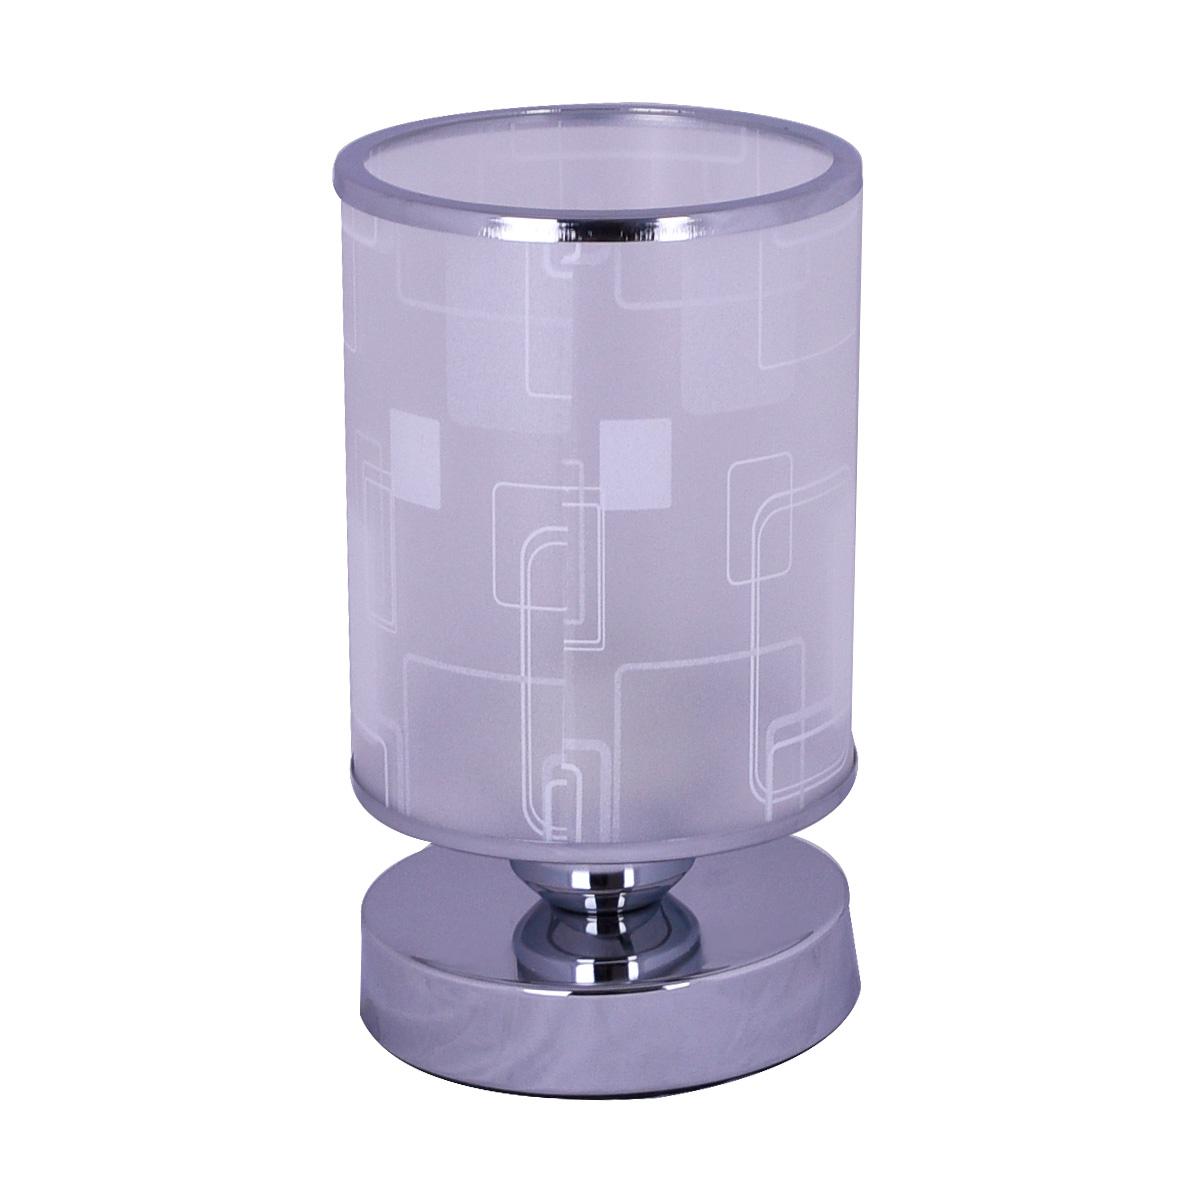 ابجورة طاولة كهرباء استانلس استيل بغطاء زجاج مزخرف - رقم 34524  - لونين